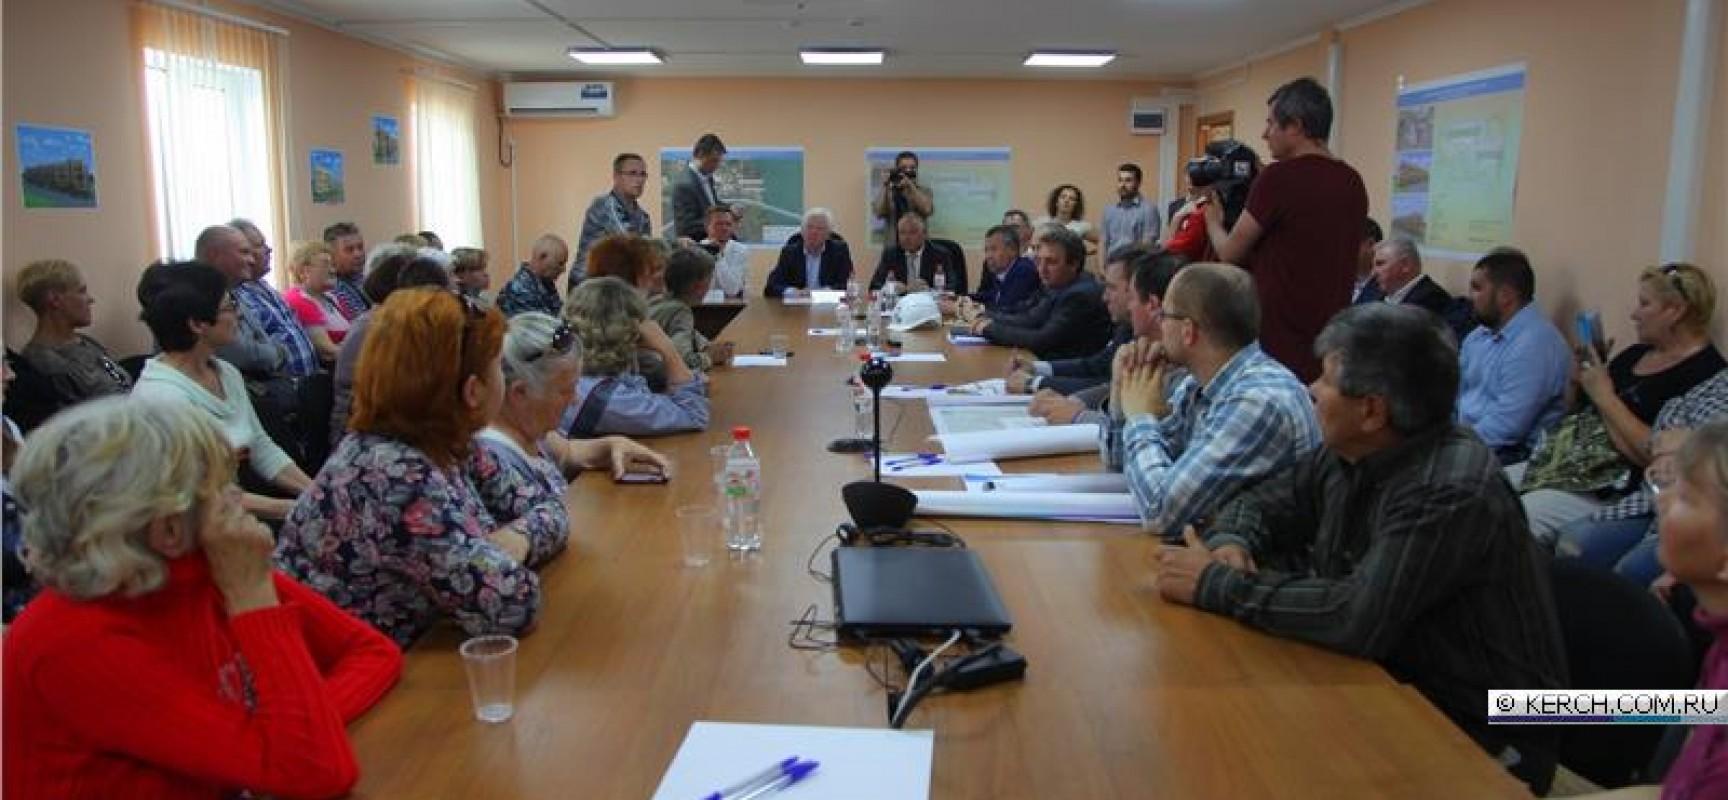 Жители Цементной слободки, попавшие в эпицентр строительства мостового перехода через Керченский пролив, наконец  получили информацию о том, куда и когда их будут переселять